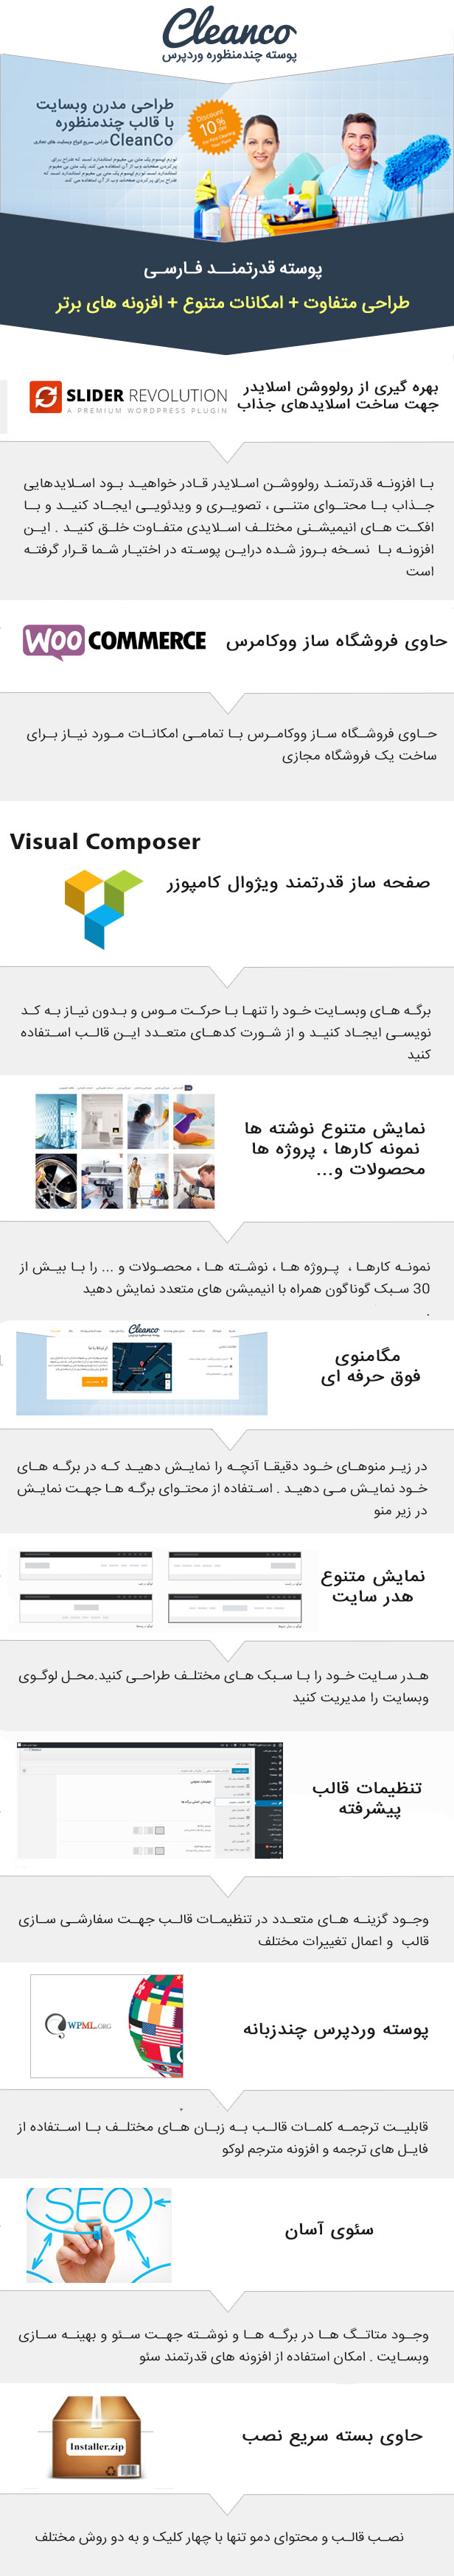 قالب cleanco فارسی